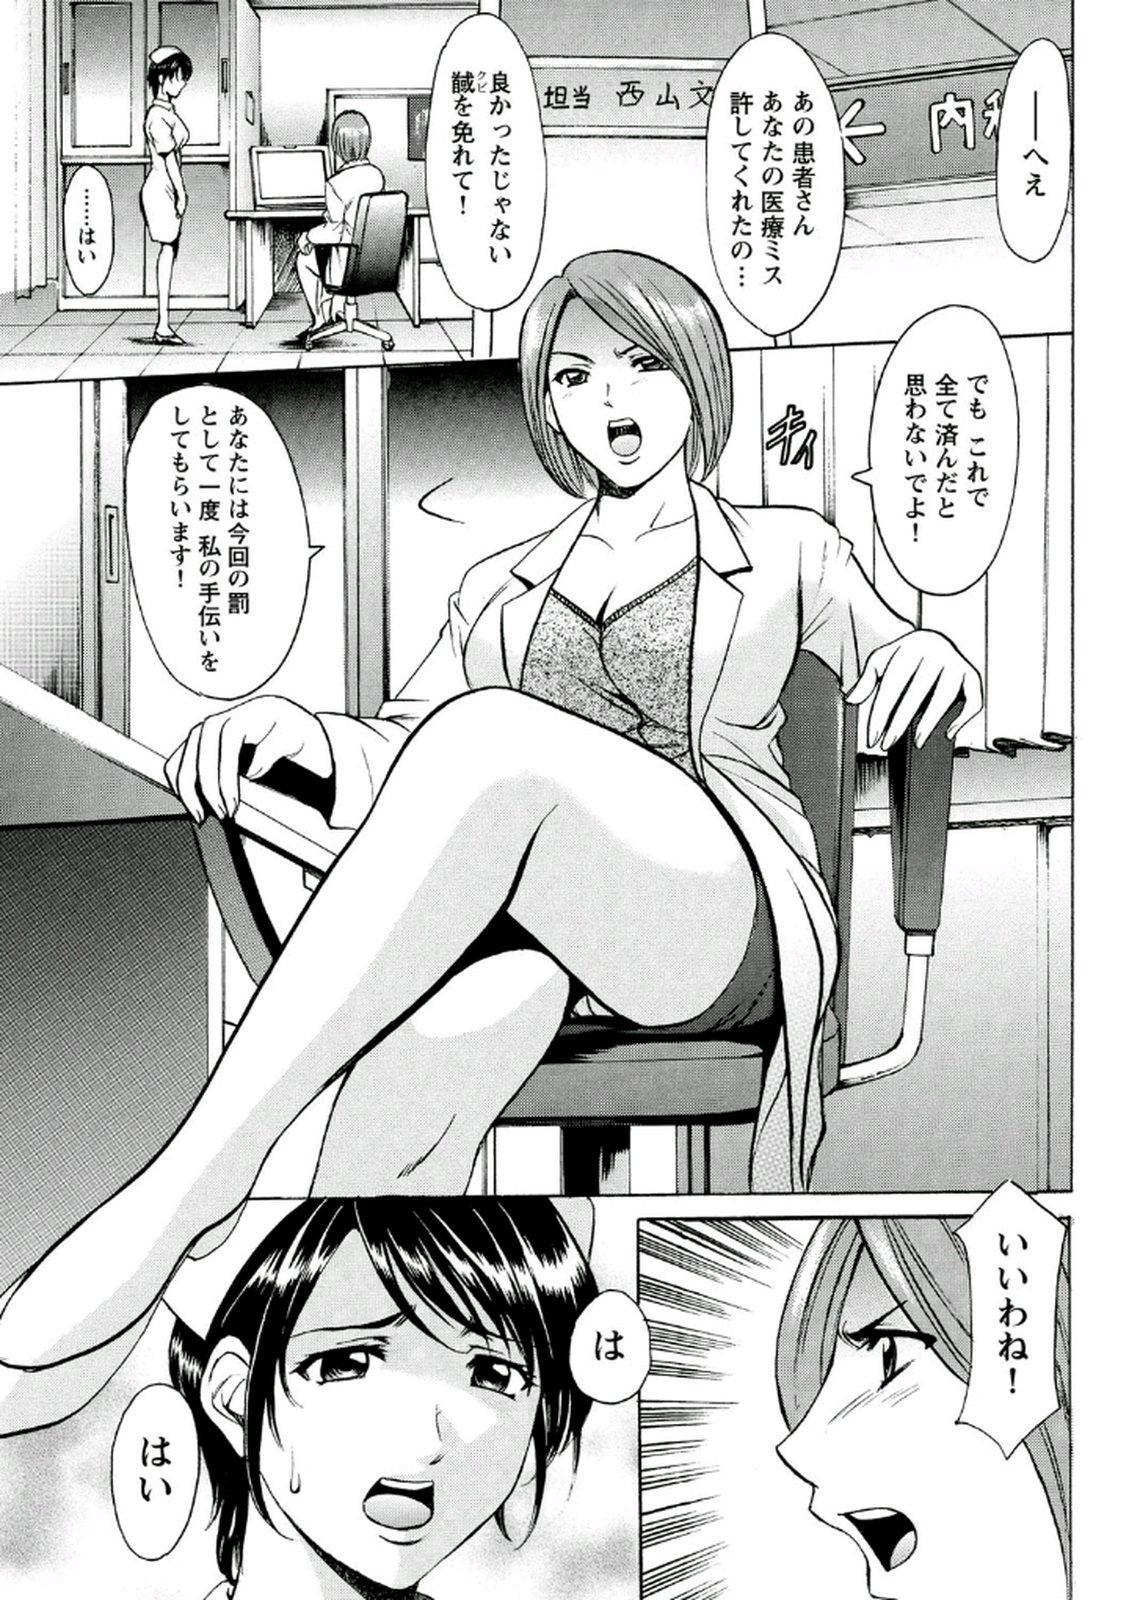 Chijoku Byoutou 25